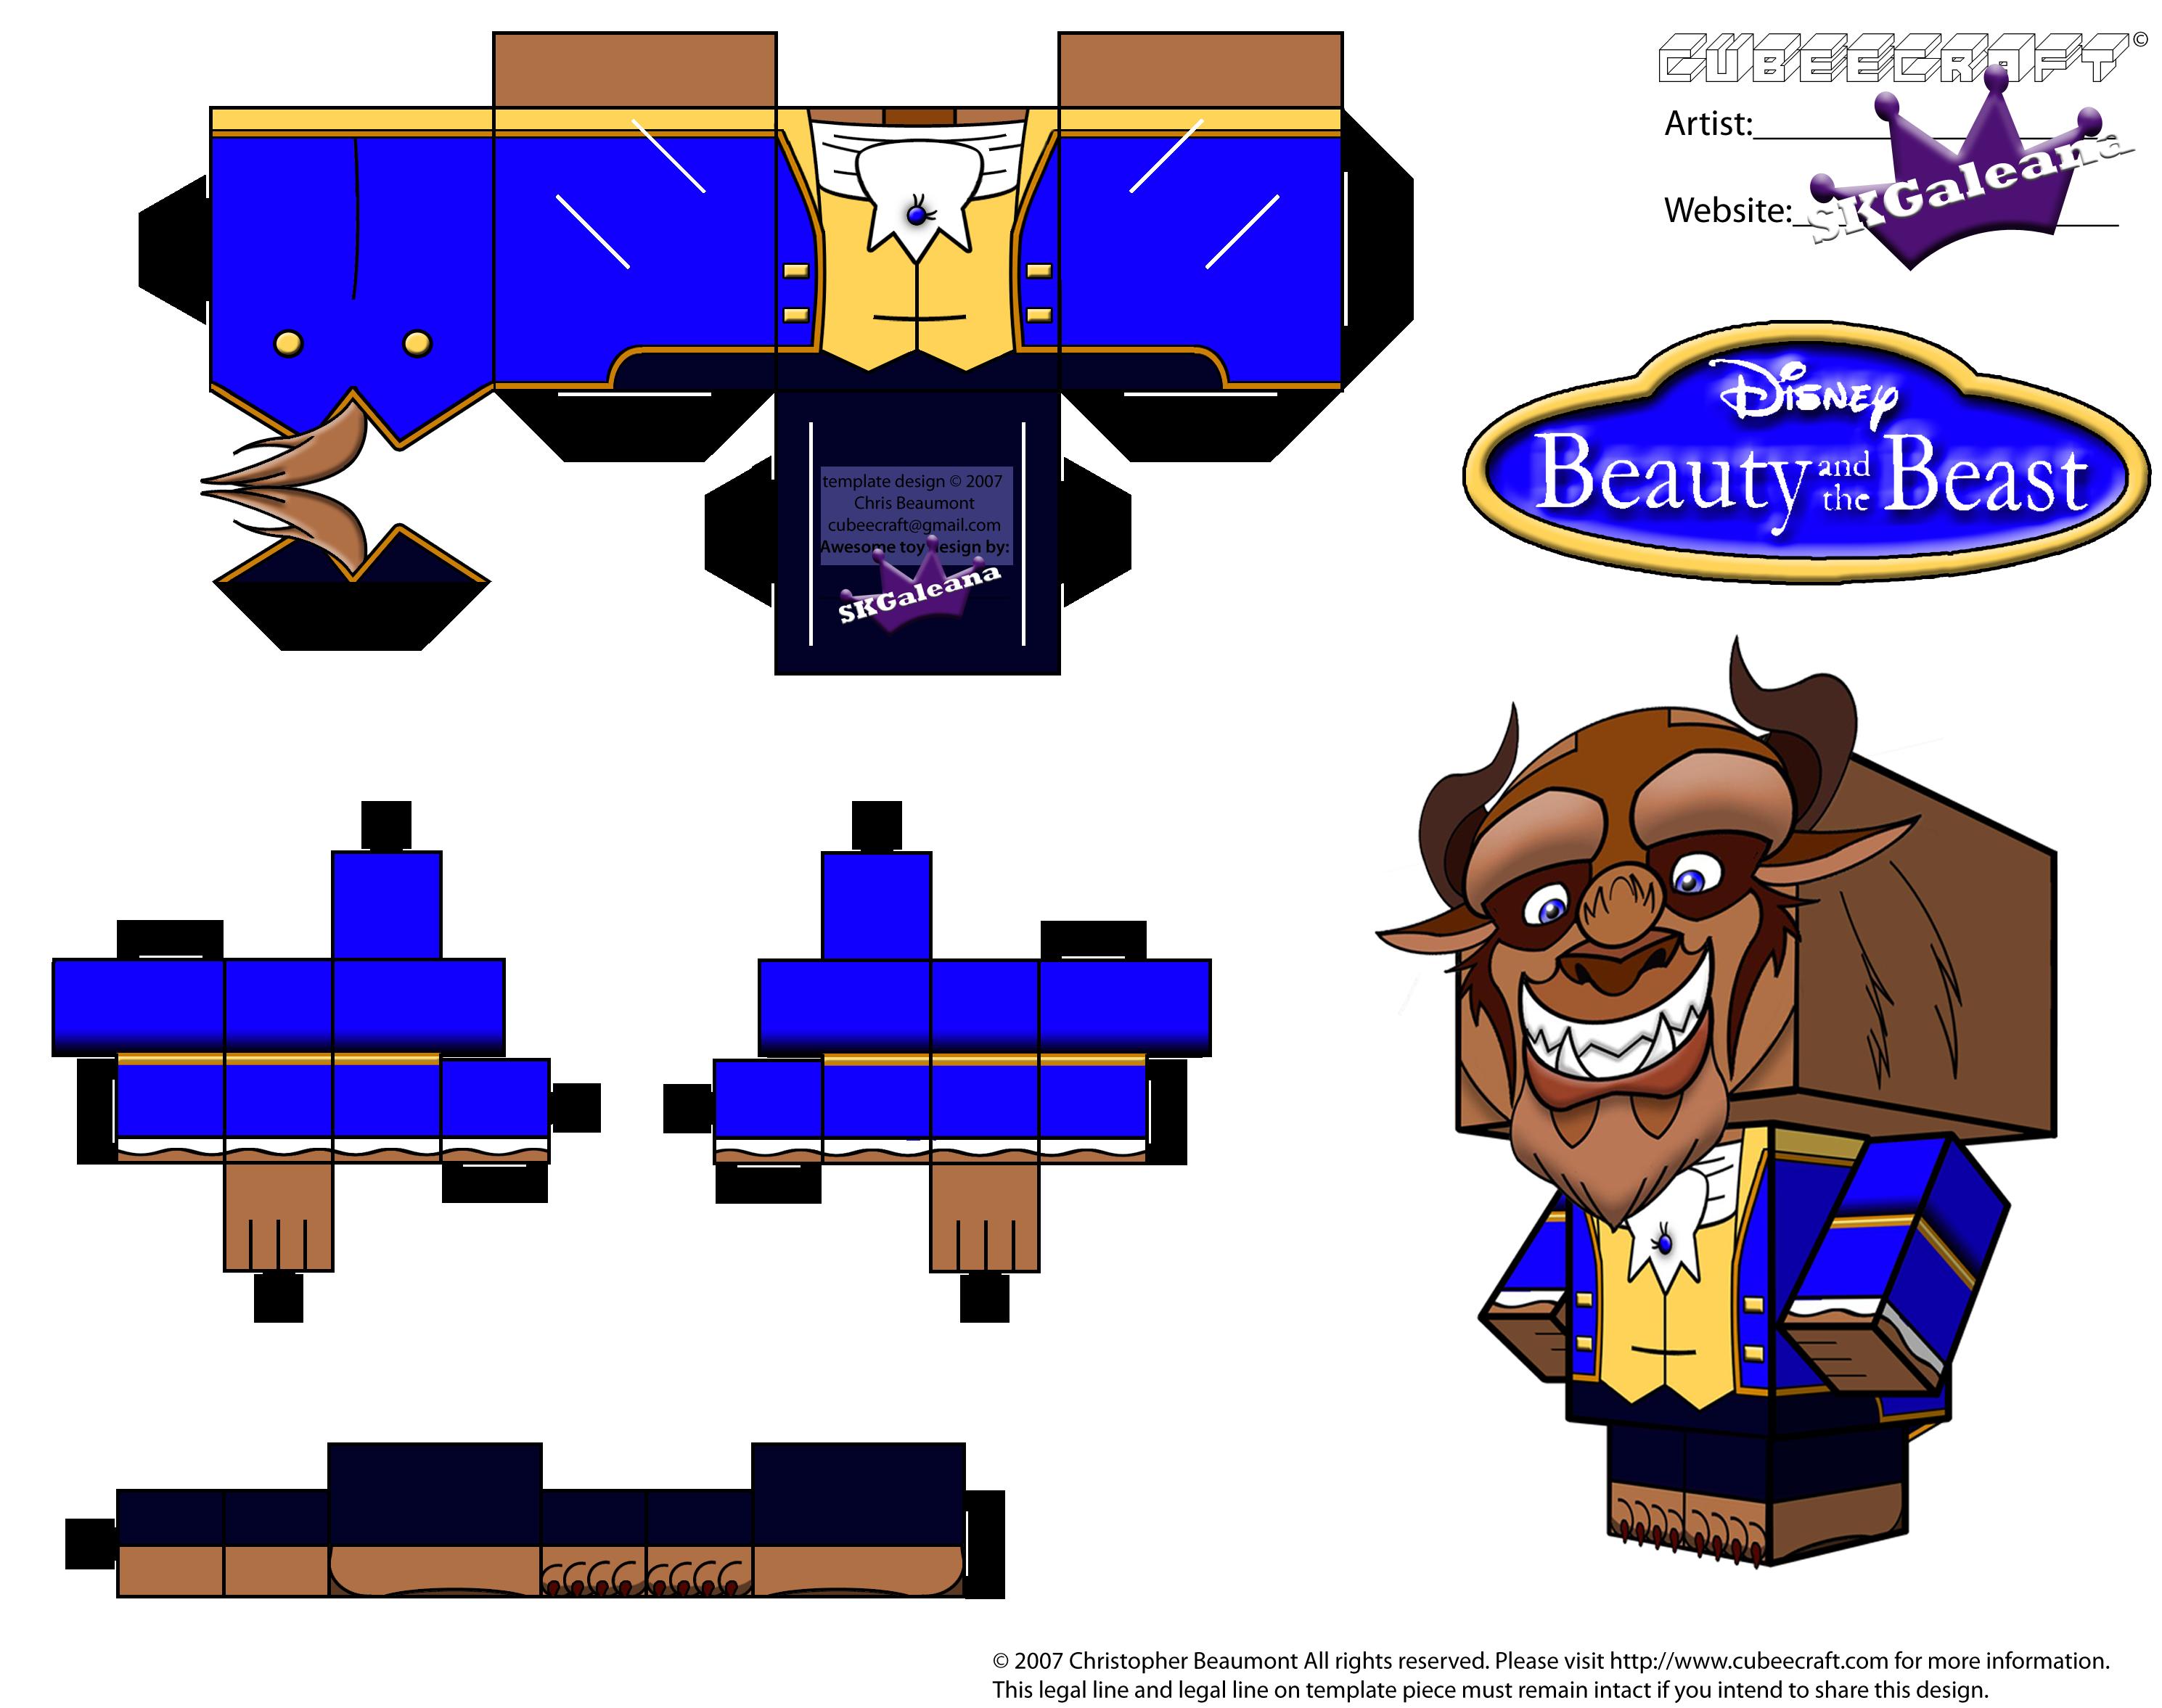 Cubeecraft de los personajes de Disney.